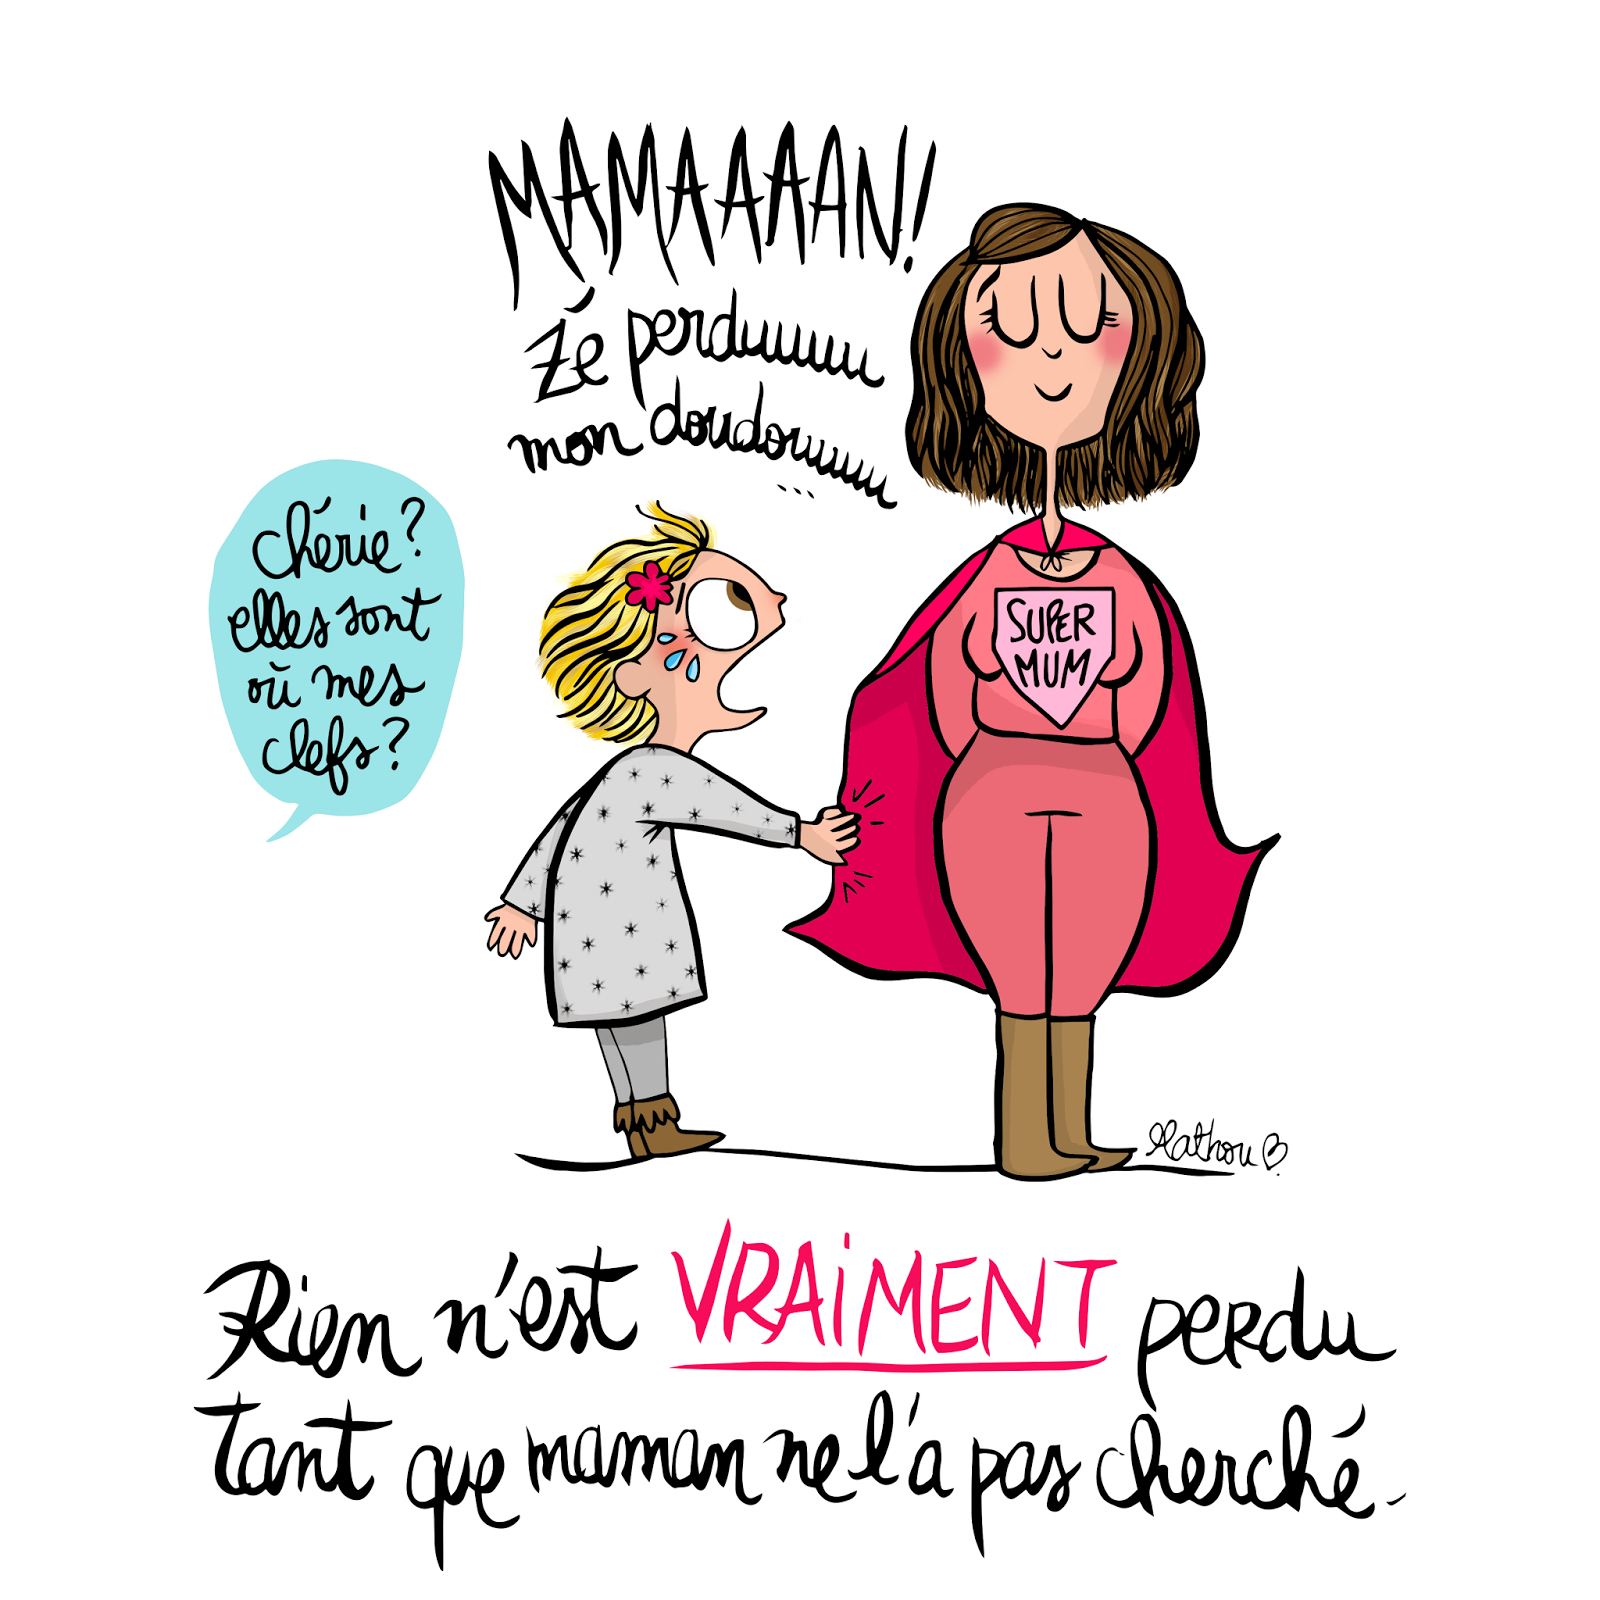 Http://Crayondhumeur.blogspot.fr/Search?Updated-Max=2015 dedans Dessin Pour Les Maman